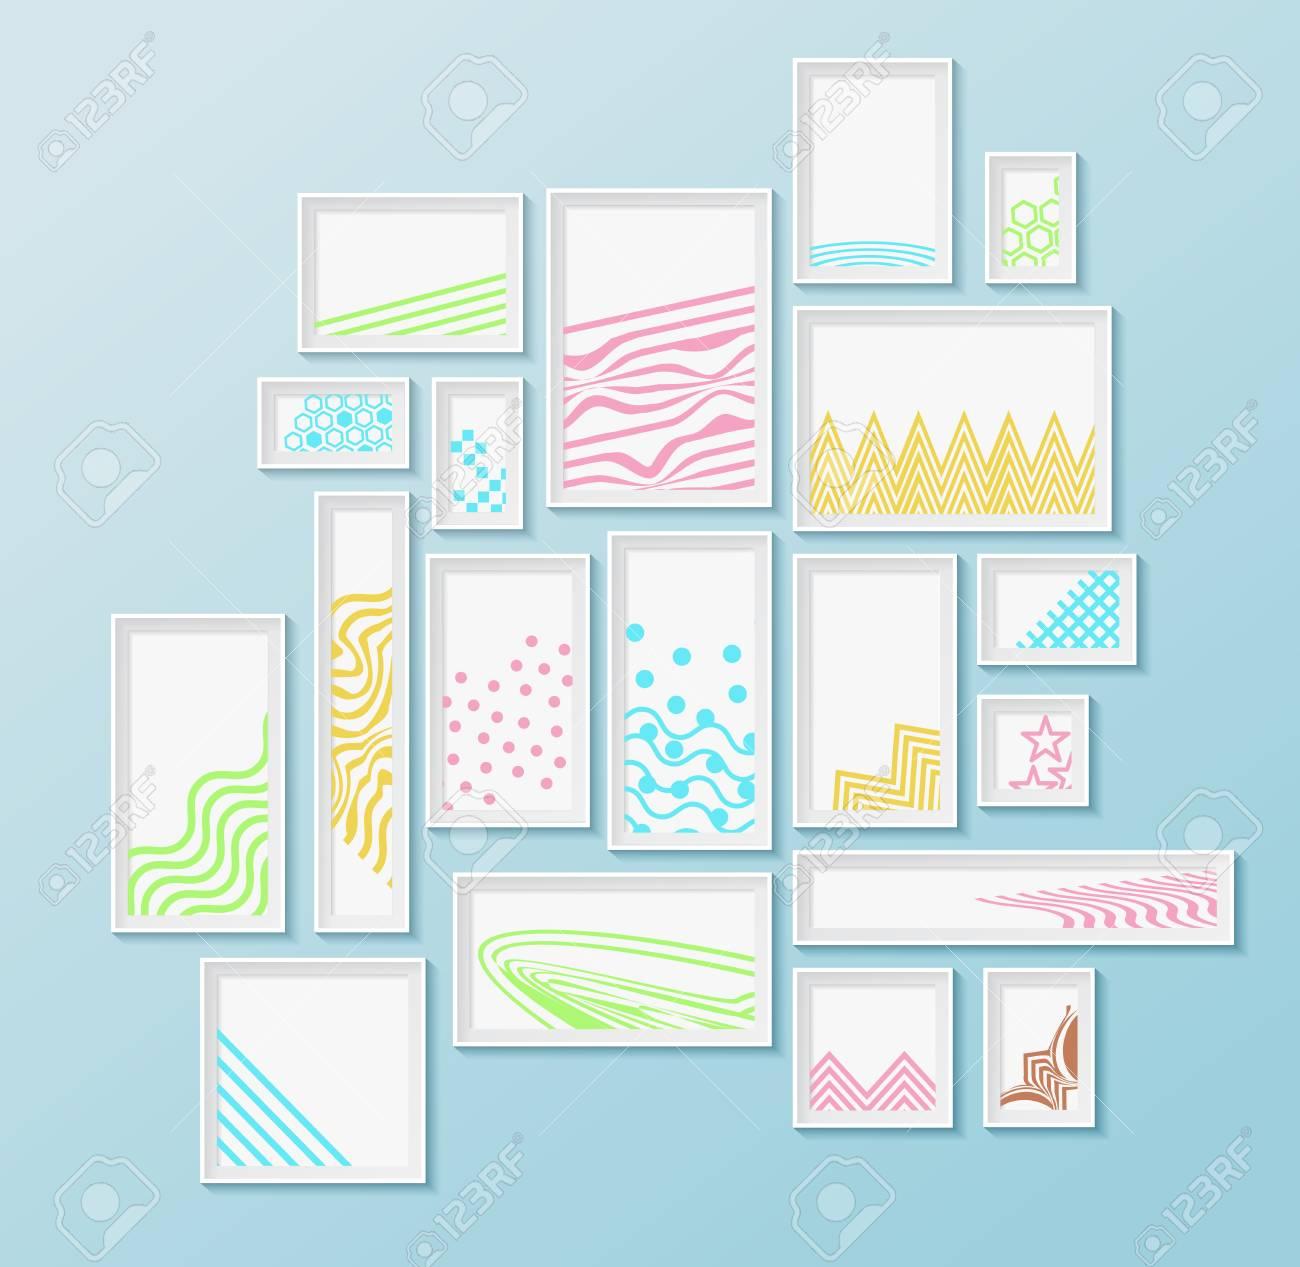 Diferentes Marcos De Cuadros Con Patrones Geométricos Coloridos ...